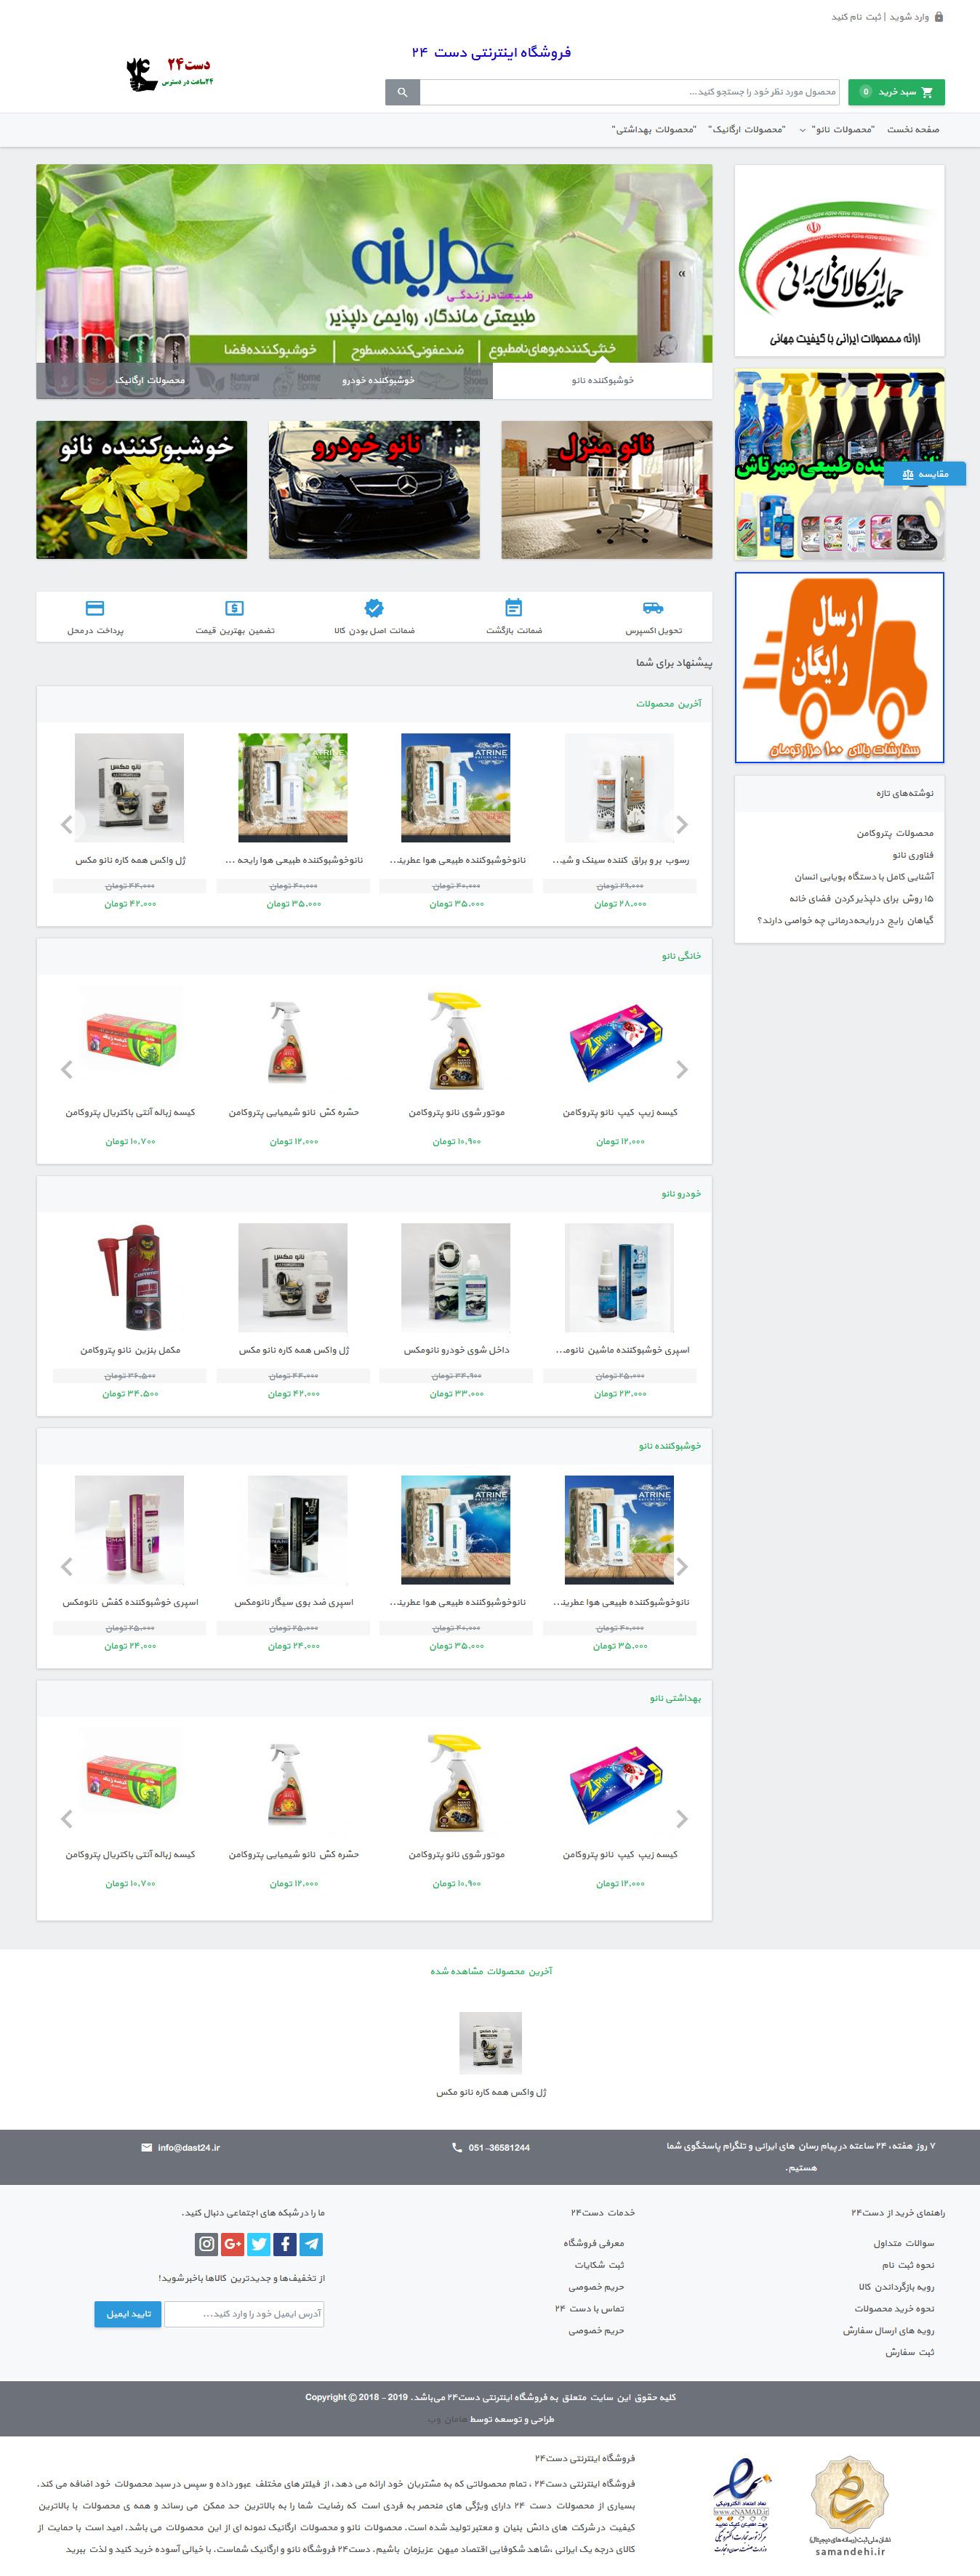 فروشگاه اینترنتی دست 24